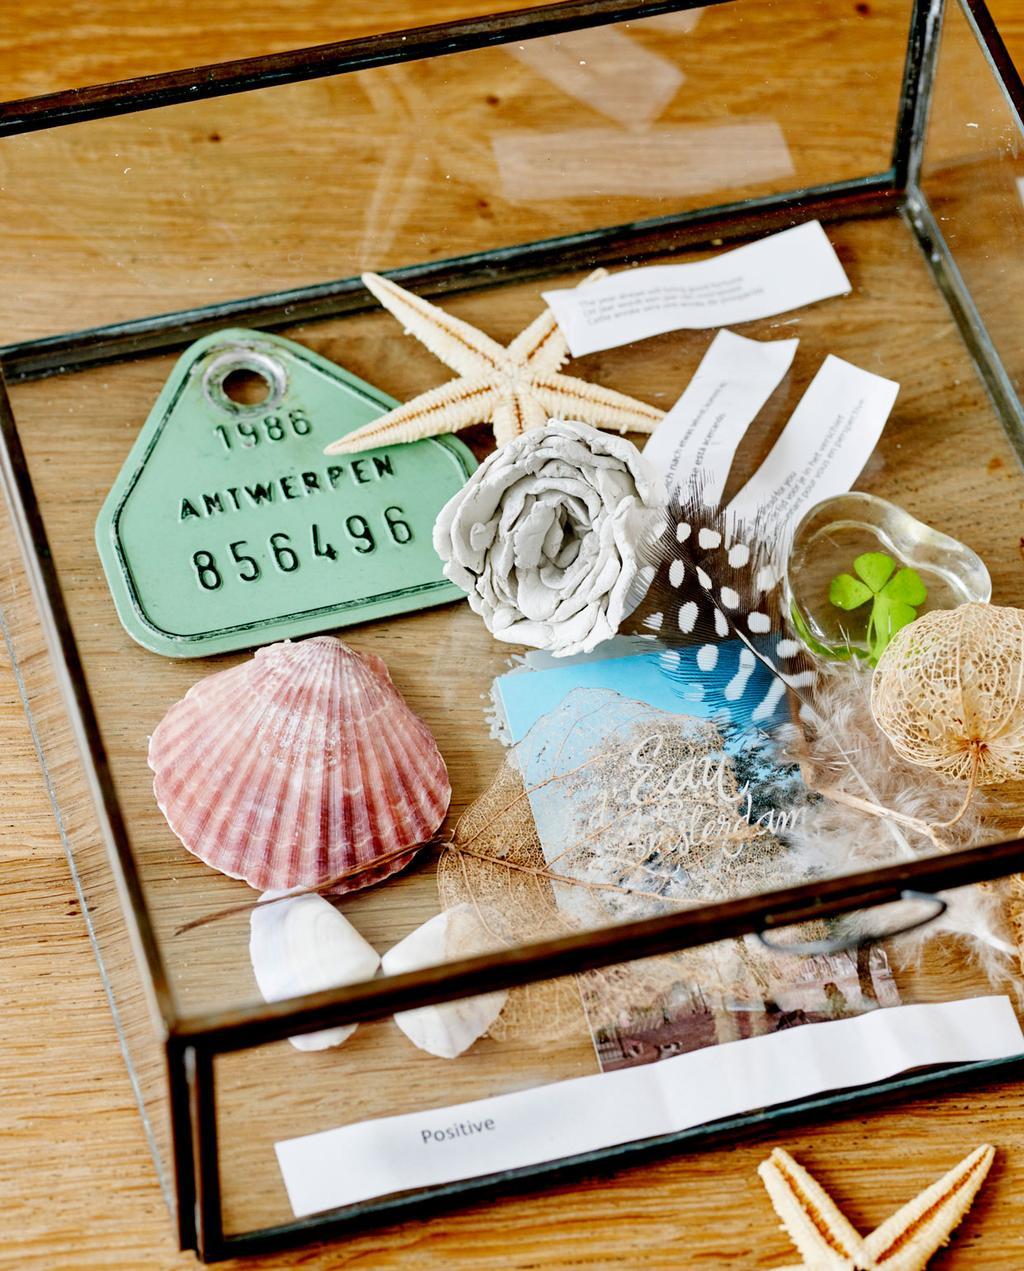 glazen bakje waarin waardevolle items worden uitgestald